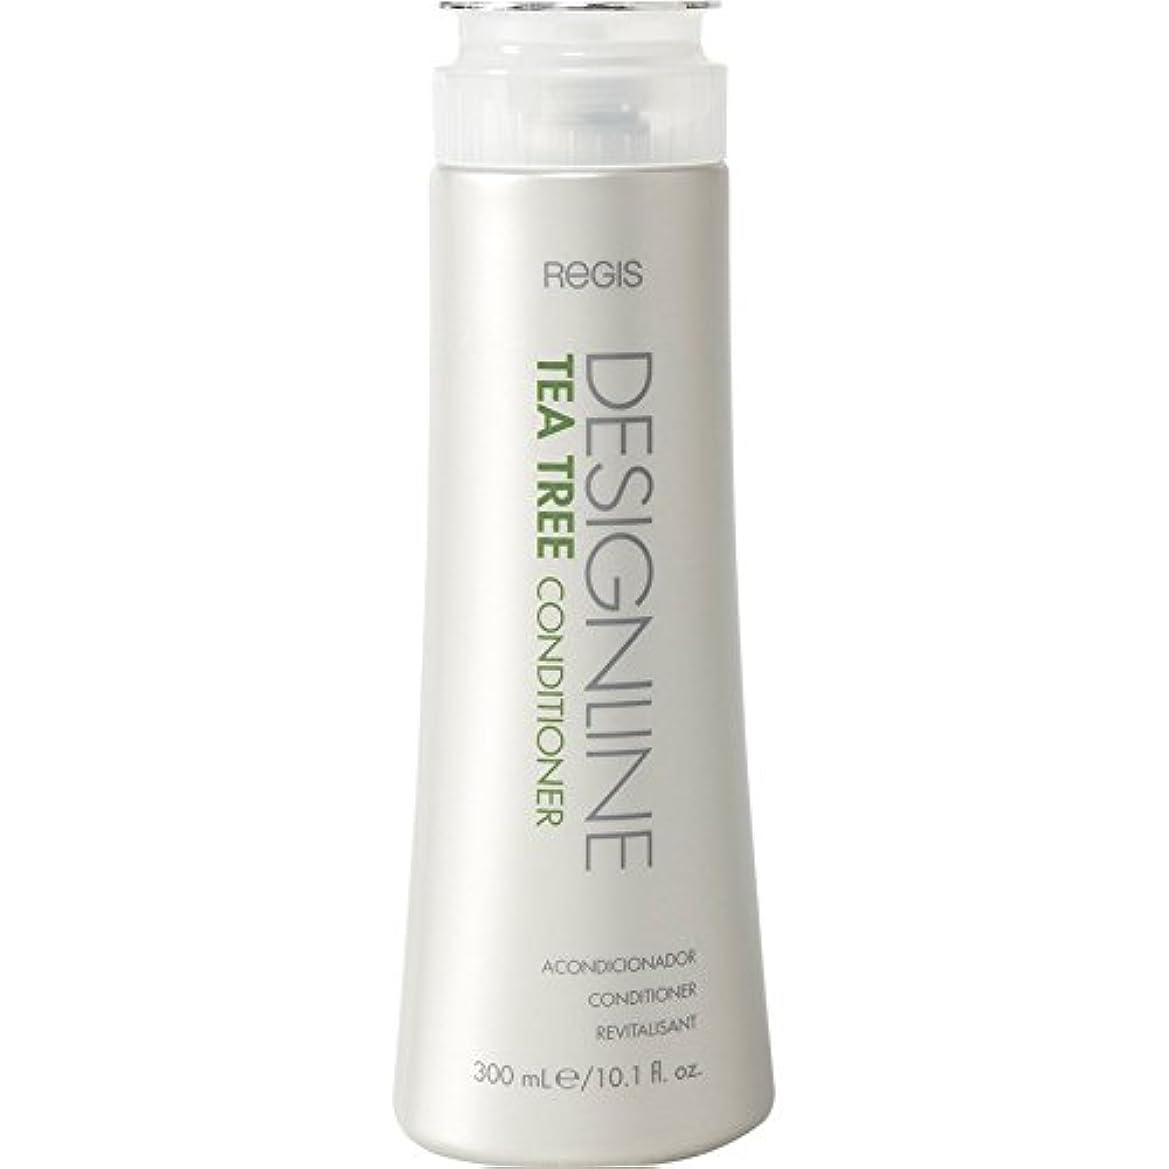 正確とティーム買い手DESIGNLINE ティーツリーコンディショナー、Regis -栄養価の高いビタミンとミネラルを含み、髪に潤いを与え、髪と頭皮のオイルをバランスさせる シャイン、ソフトネス、および管理性 用